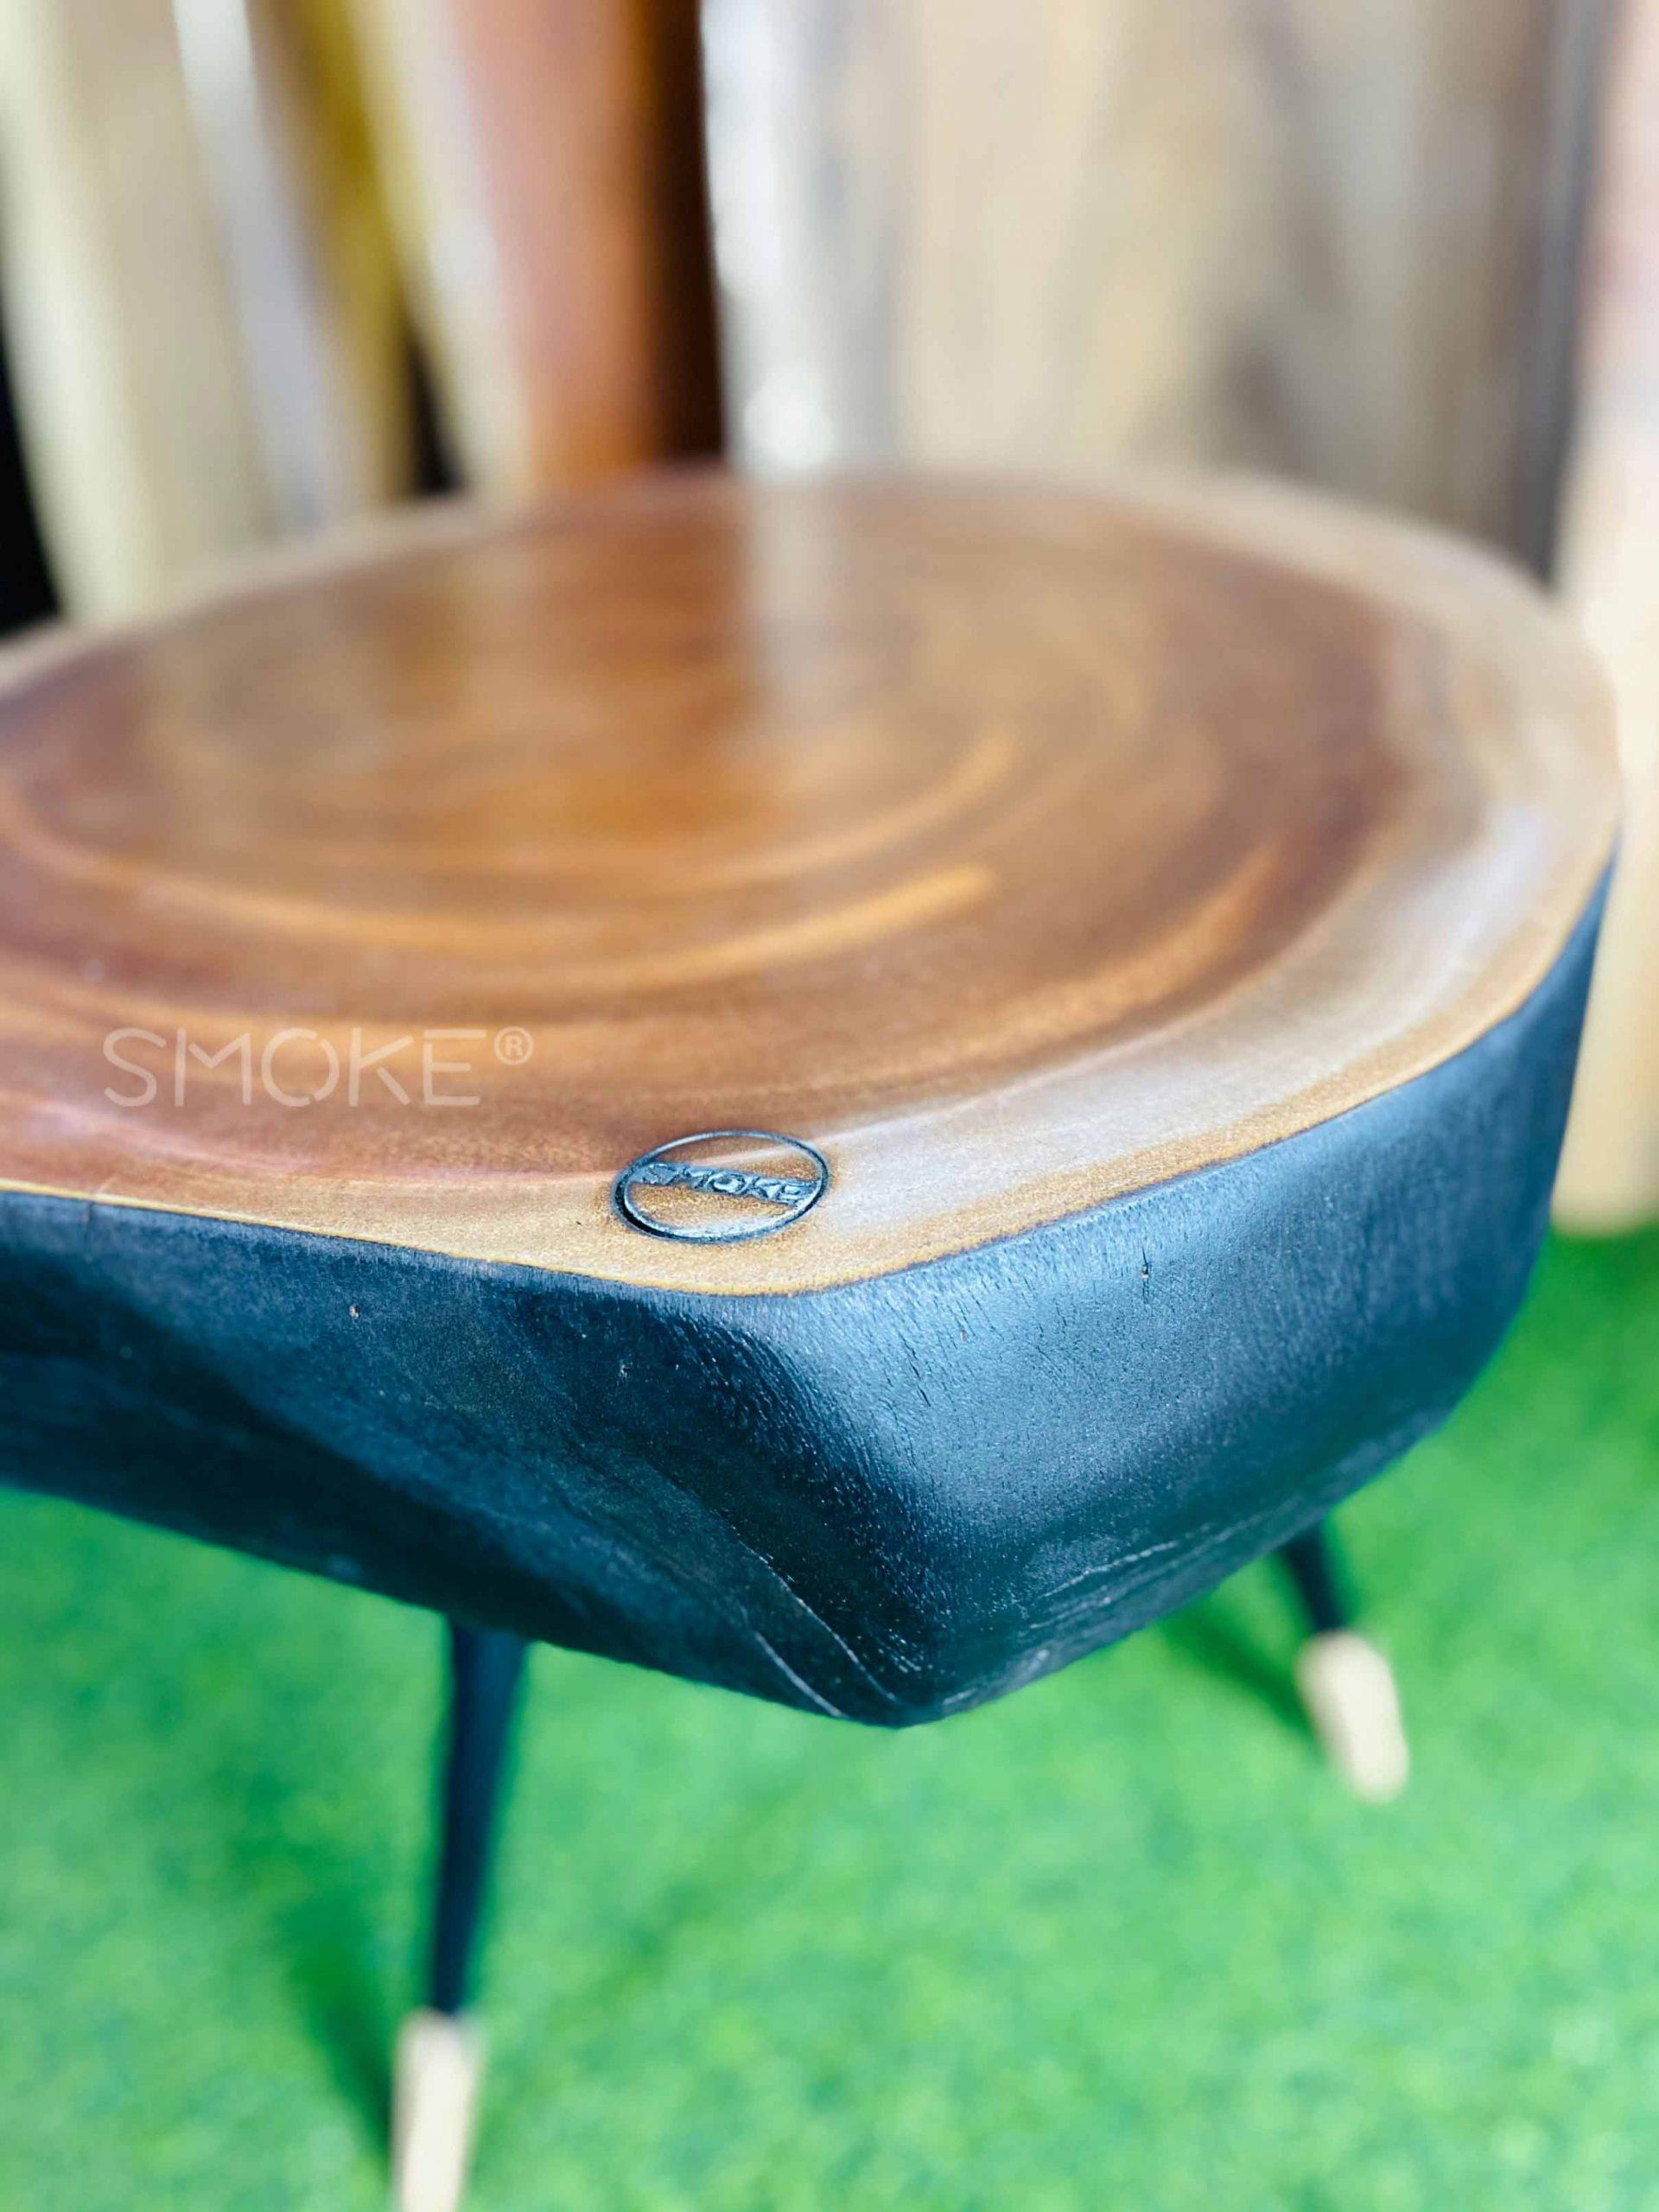 Mahogany coffee table charred